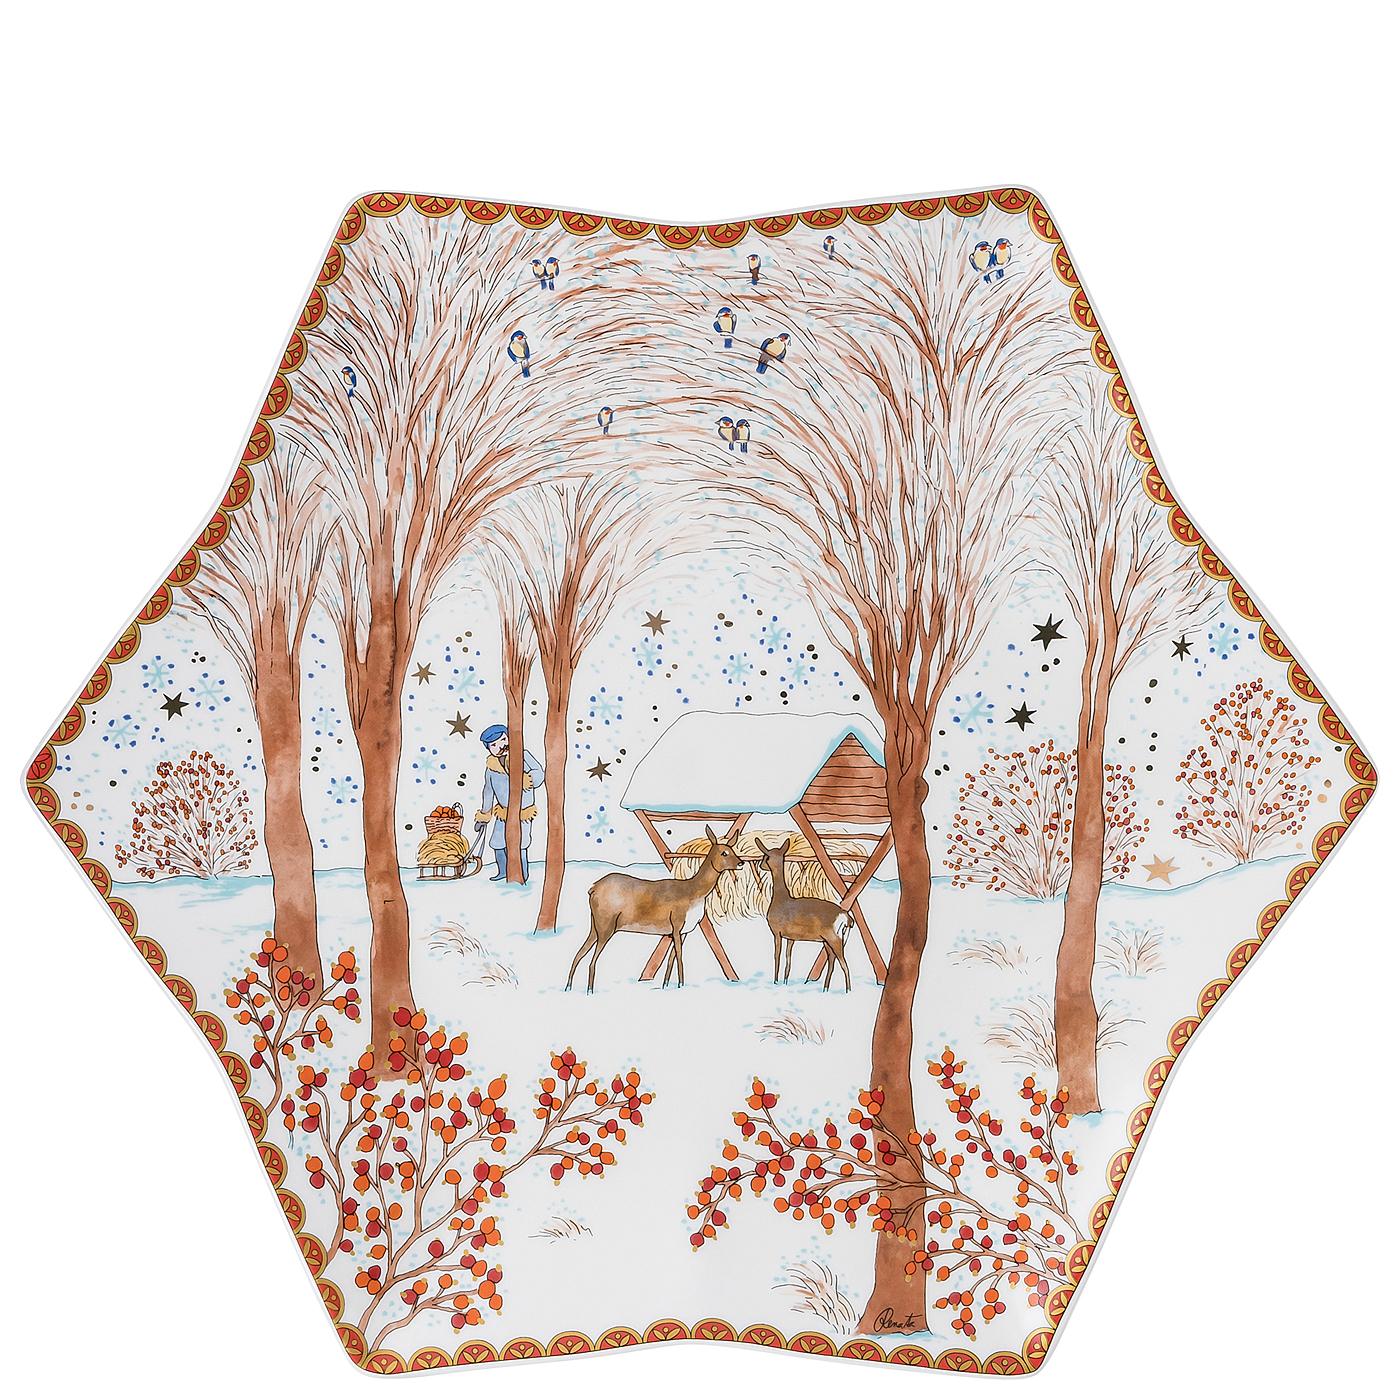 Sternschale 34 cm Sammelkollektion 21 Weihnachtsgaben Hutschenreuther